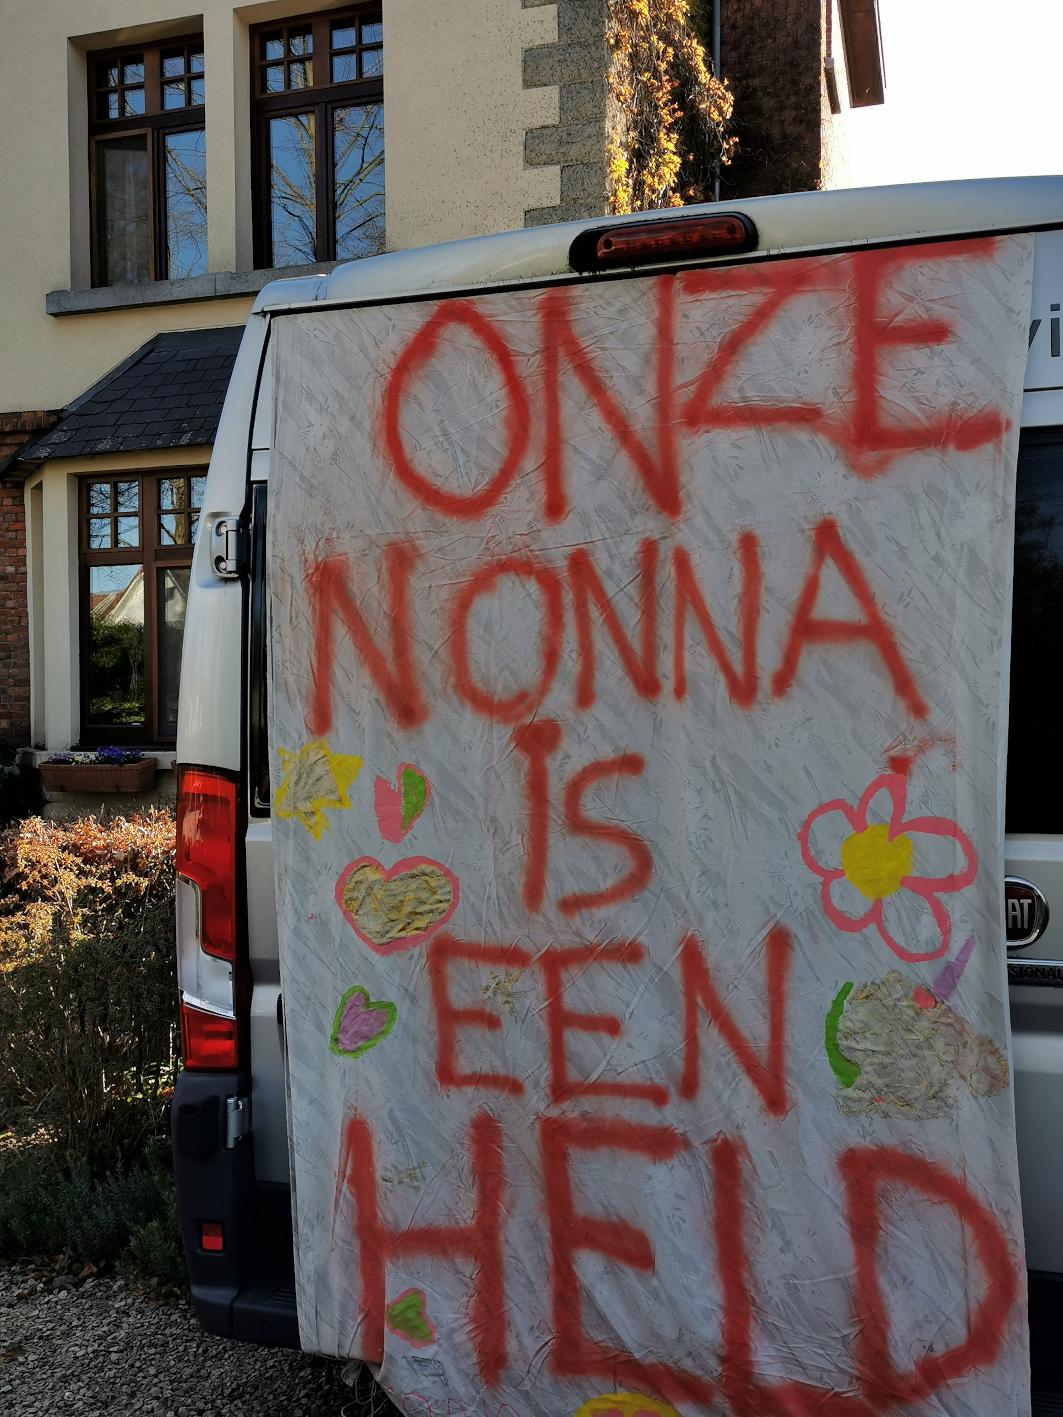 Mona en Noor Van Houtte, spandoek 'Onze nonna is een held', collectie MAS, inv.nr MAS.0328.010.